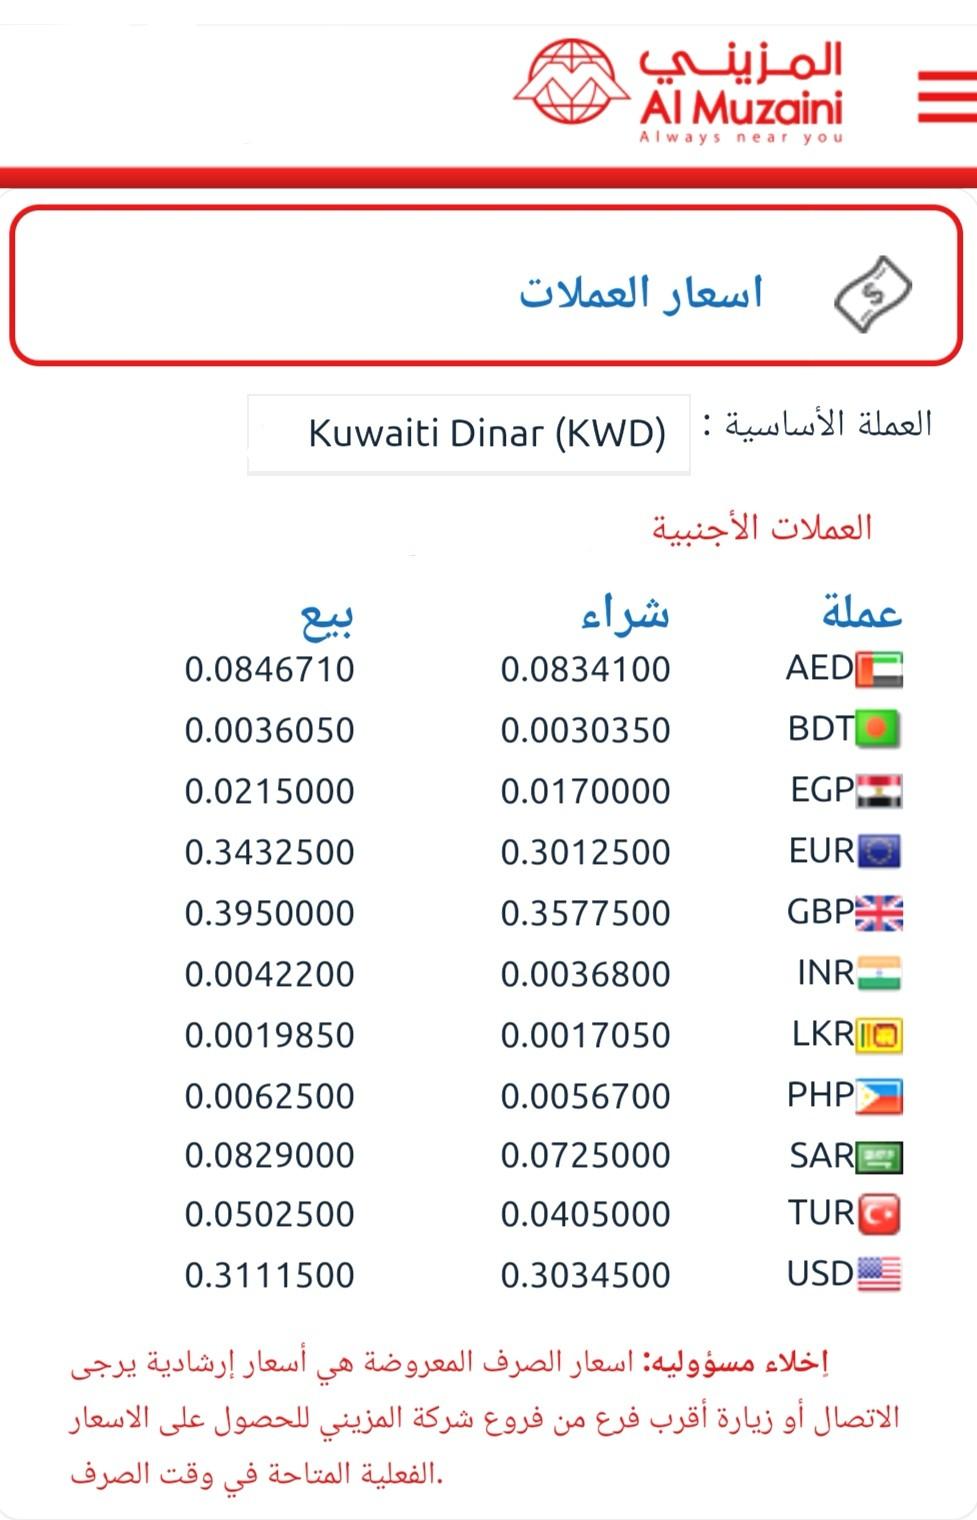 المزينى تحويل العملات، سعر الجنية مقابل الدينار الكويتي اسعار بيع شراء العملات